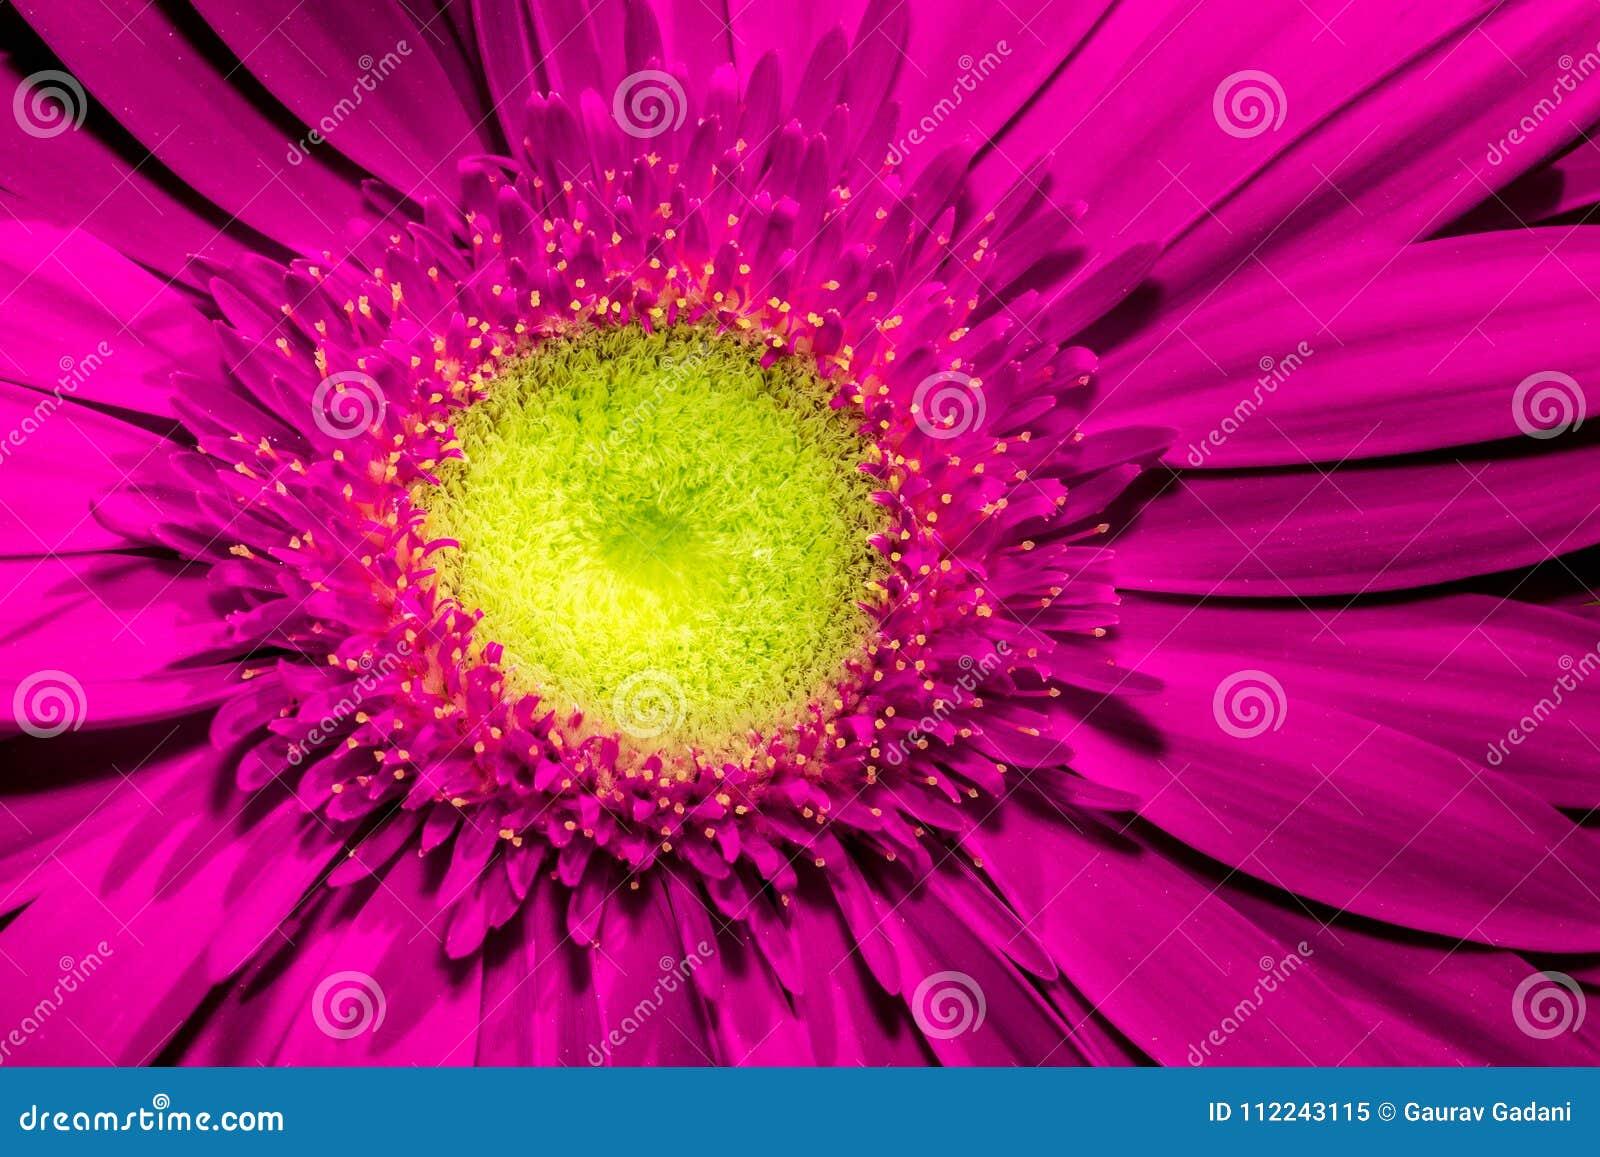 关闭与黄色中心和美丽的软的瓣的紫罗兰色大丁草花